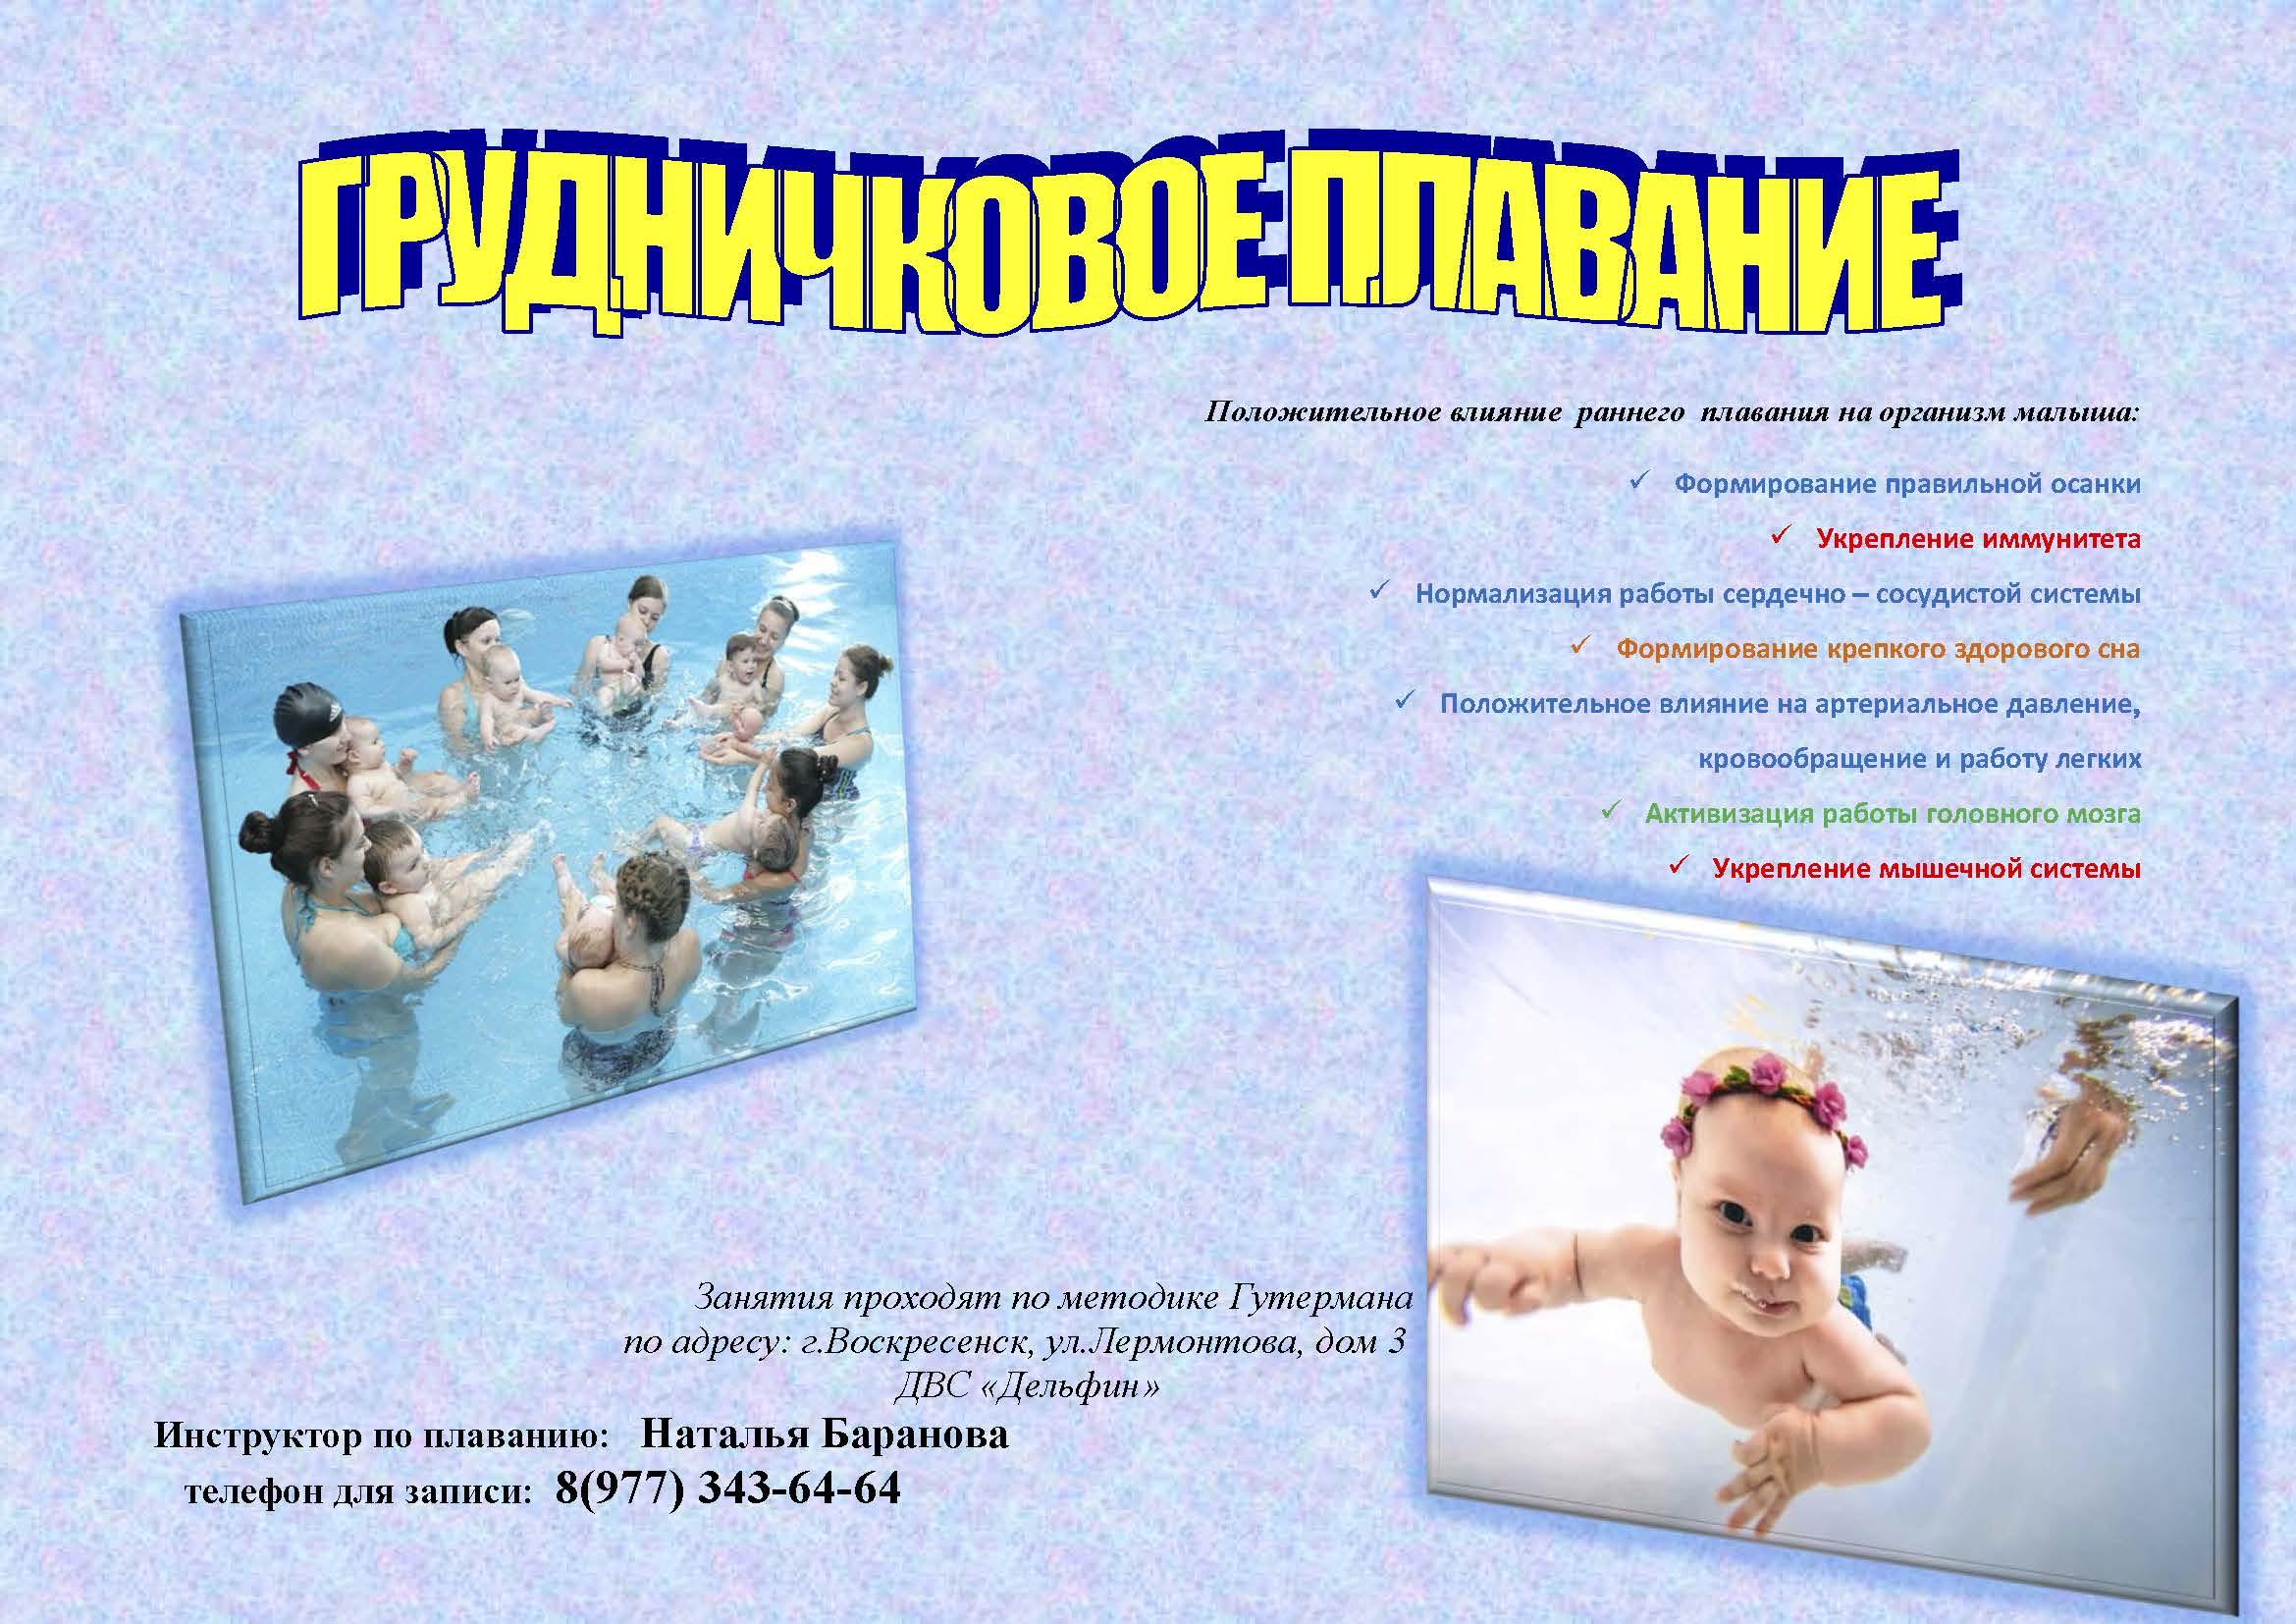 Грудничковое плавание рекламка_Page_1